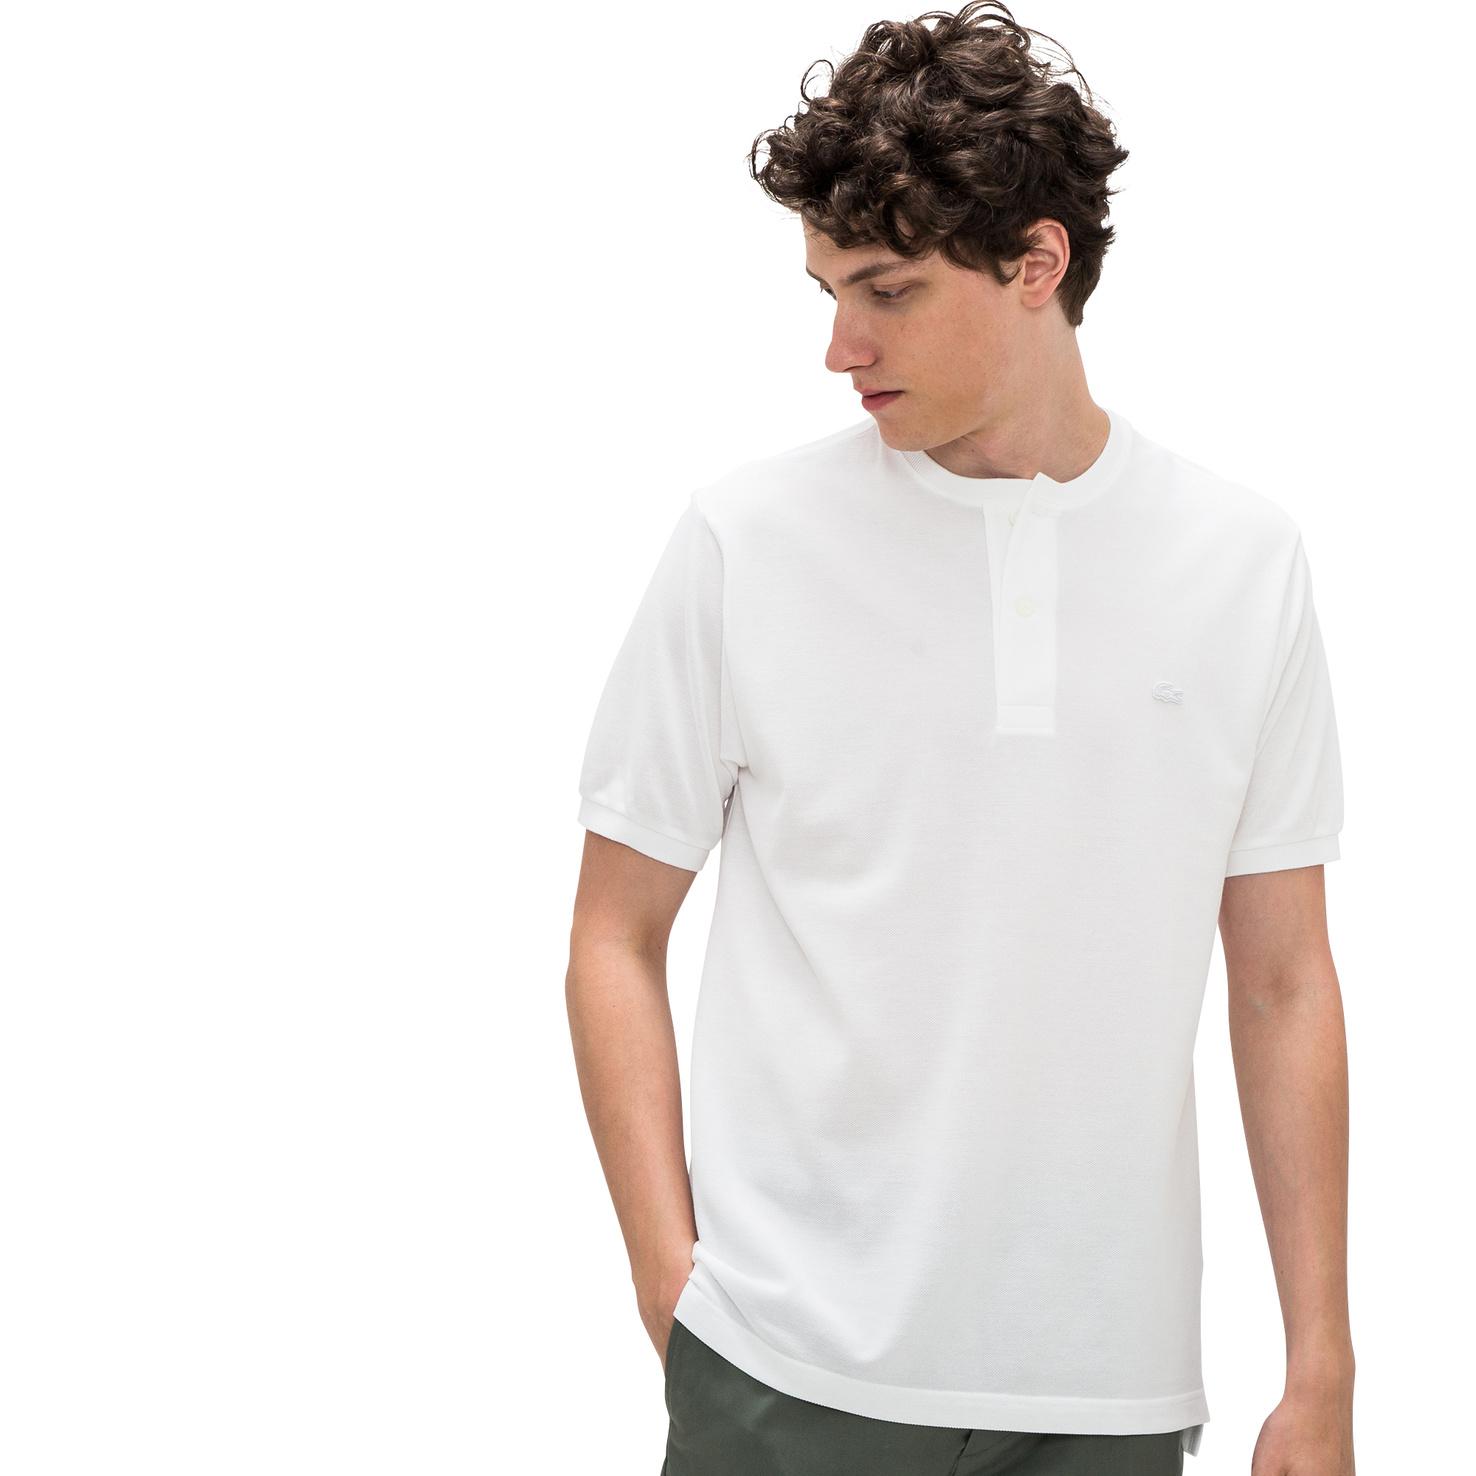 メンズ ラコステ ポロシャツ(半袖) ホワイト